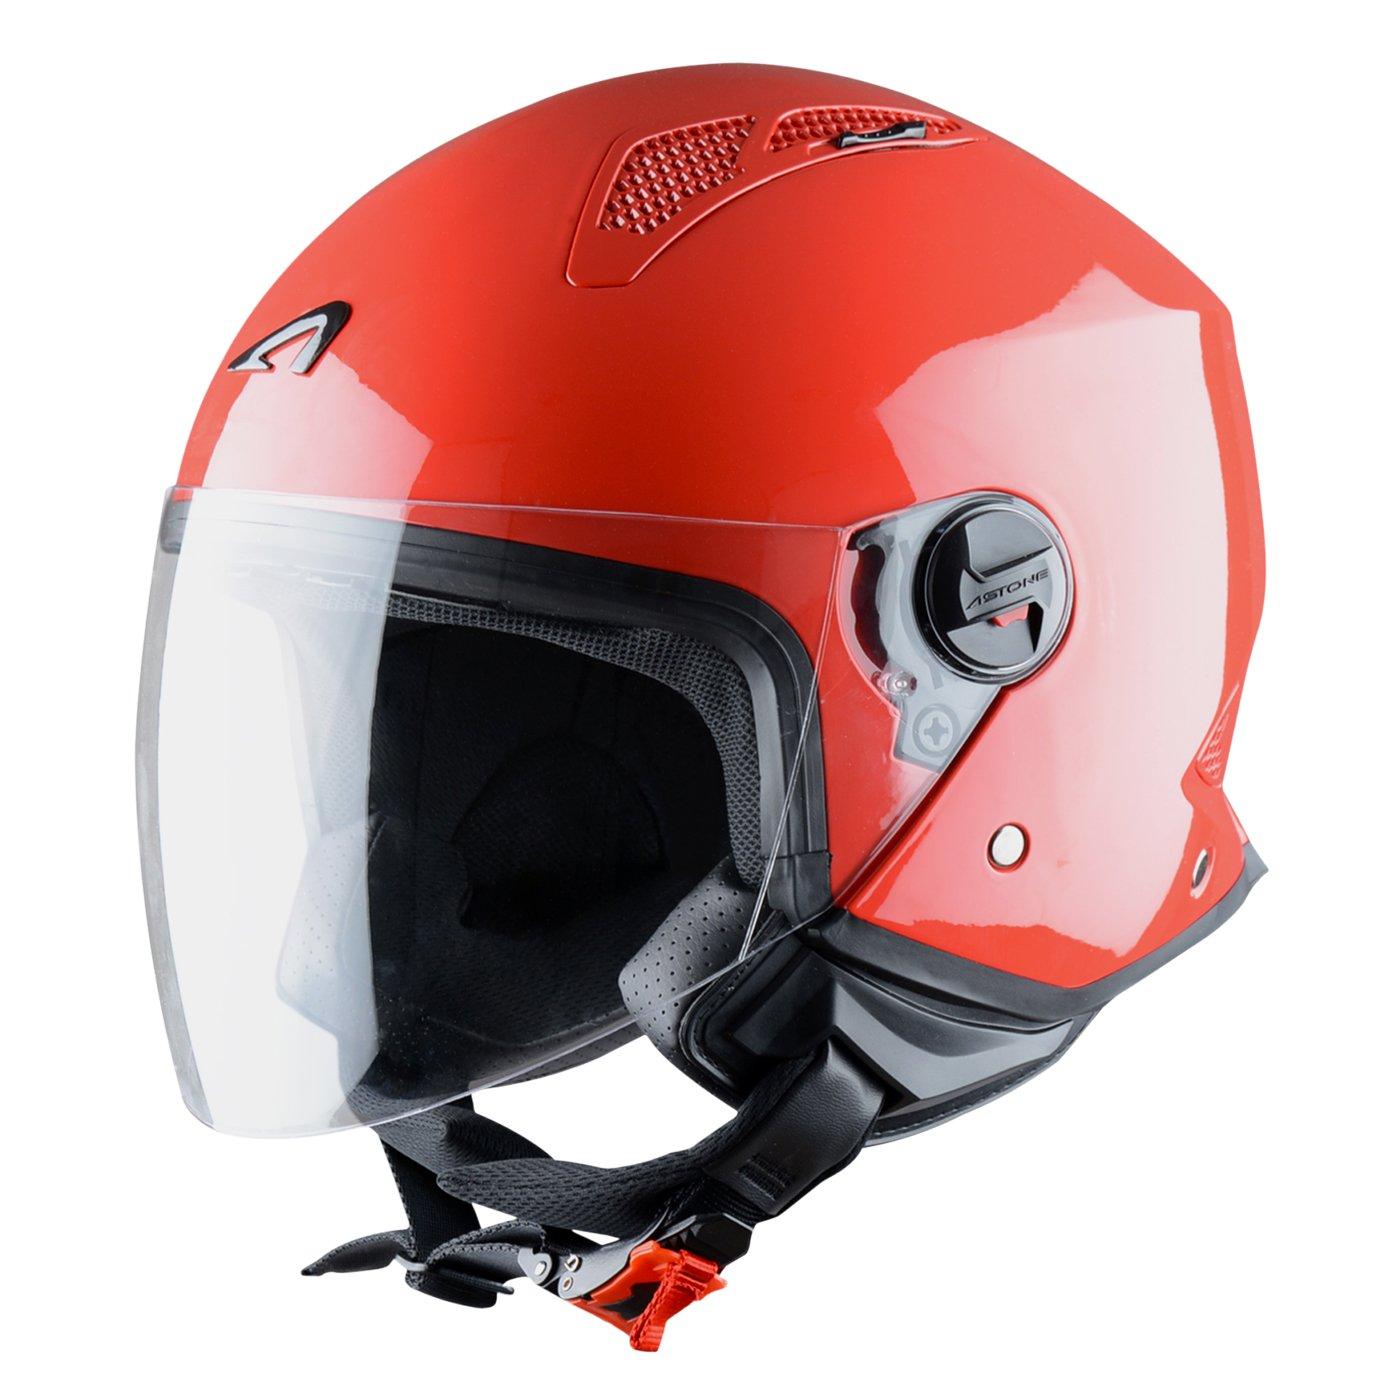 Astone Helmets Army Casque moto et scooter compact Casque jet urbain MINIJET monocolor- Casque jet Coque en polycarbonate